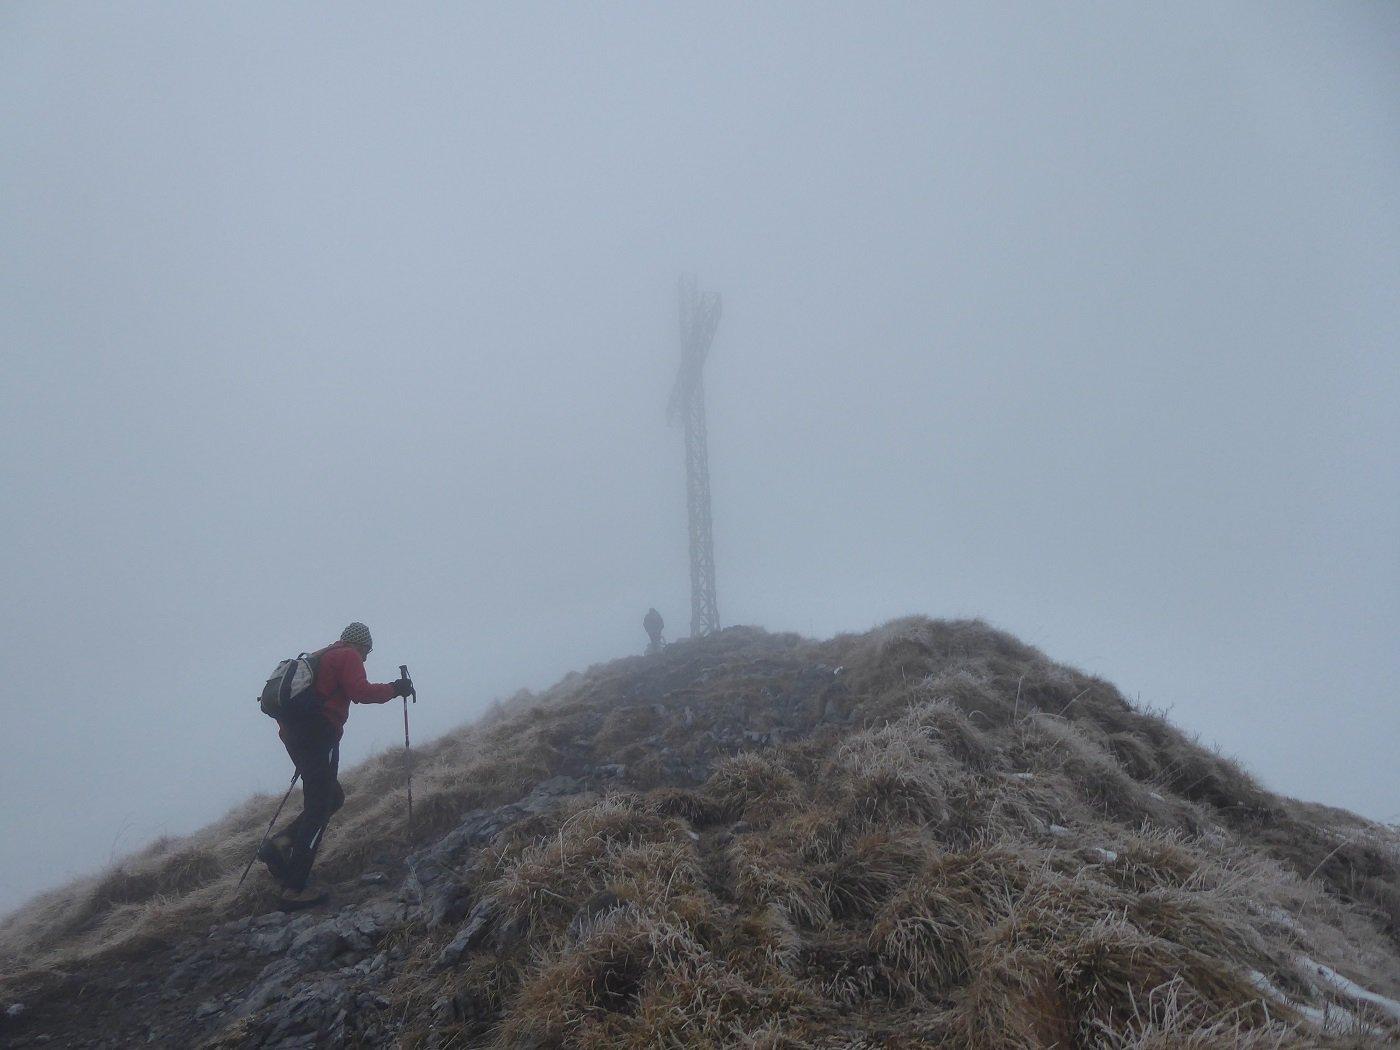 Arrivo in vetta al Formico avvolti dalla nebbia.